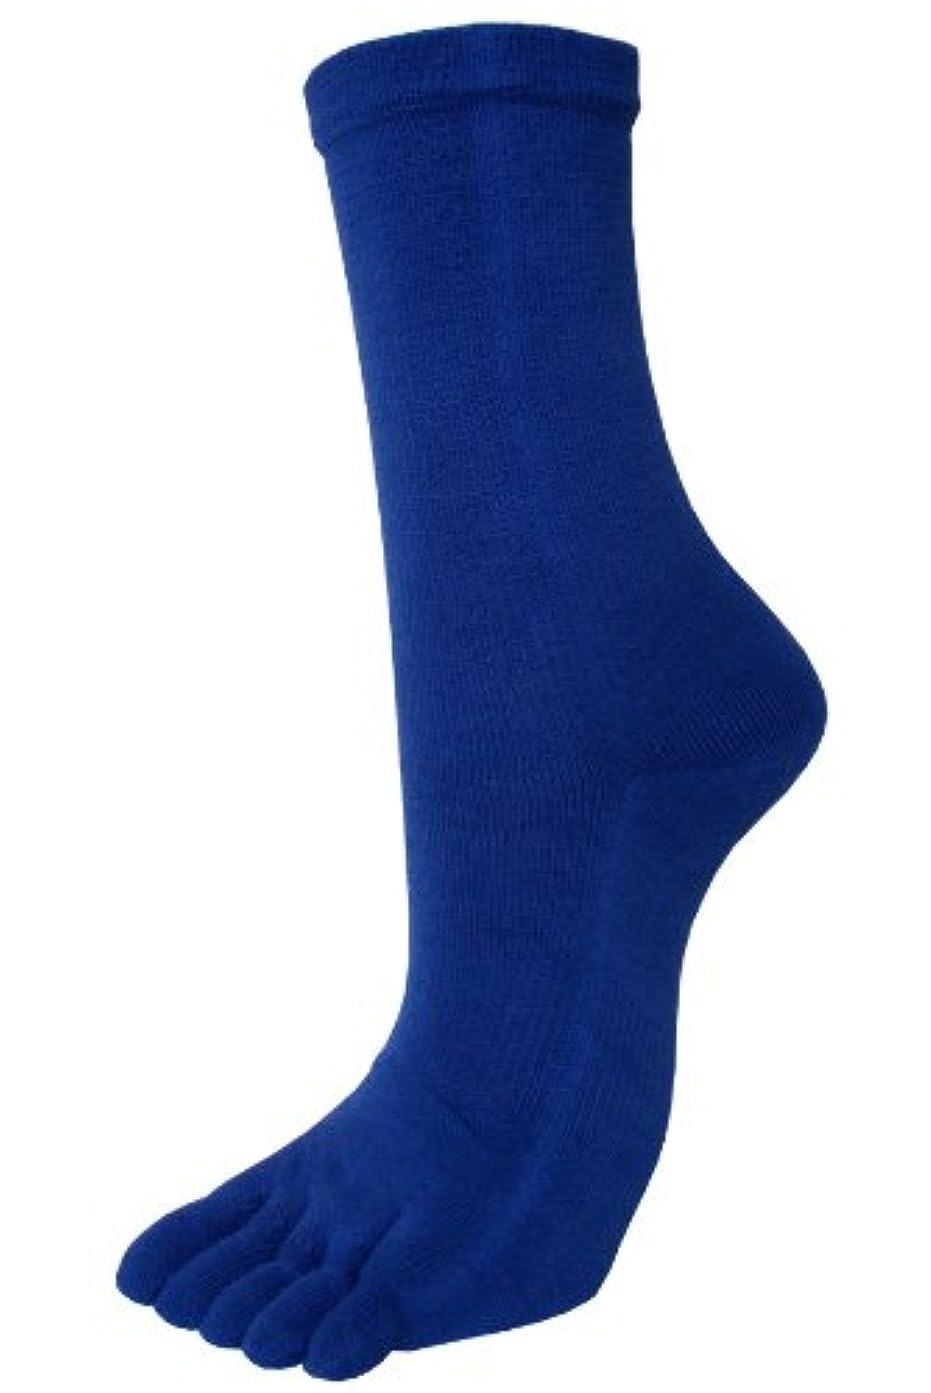 請求可能許さないバックグラウンドエンバランス レギュラー5本指ソックス L(25~27cm) ブルー T41300